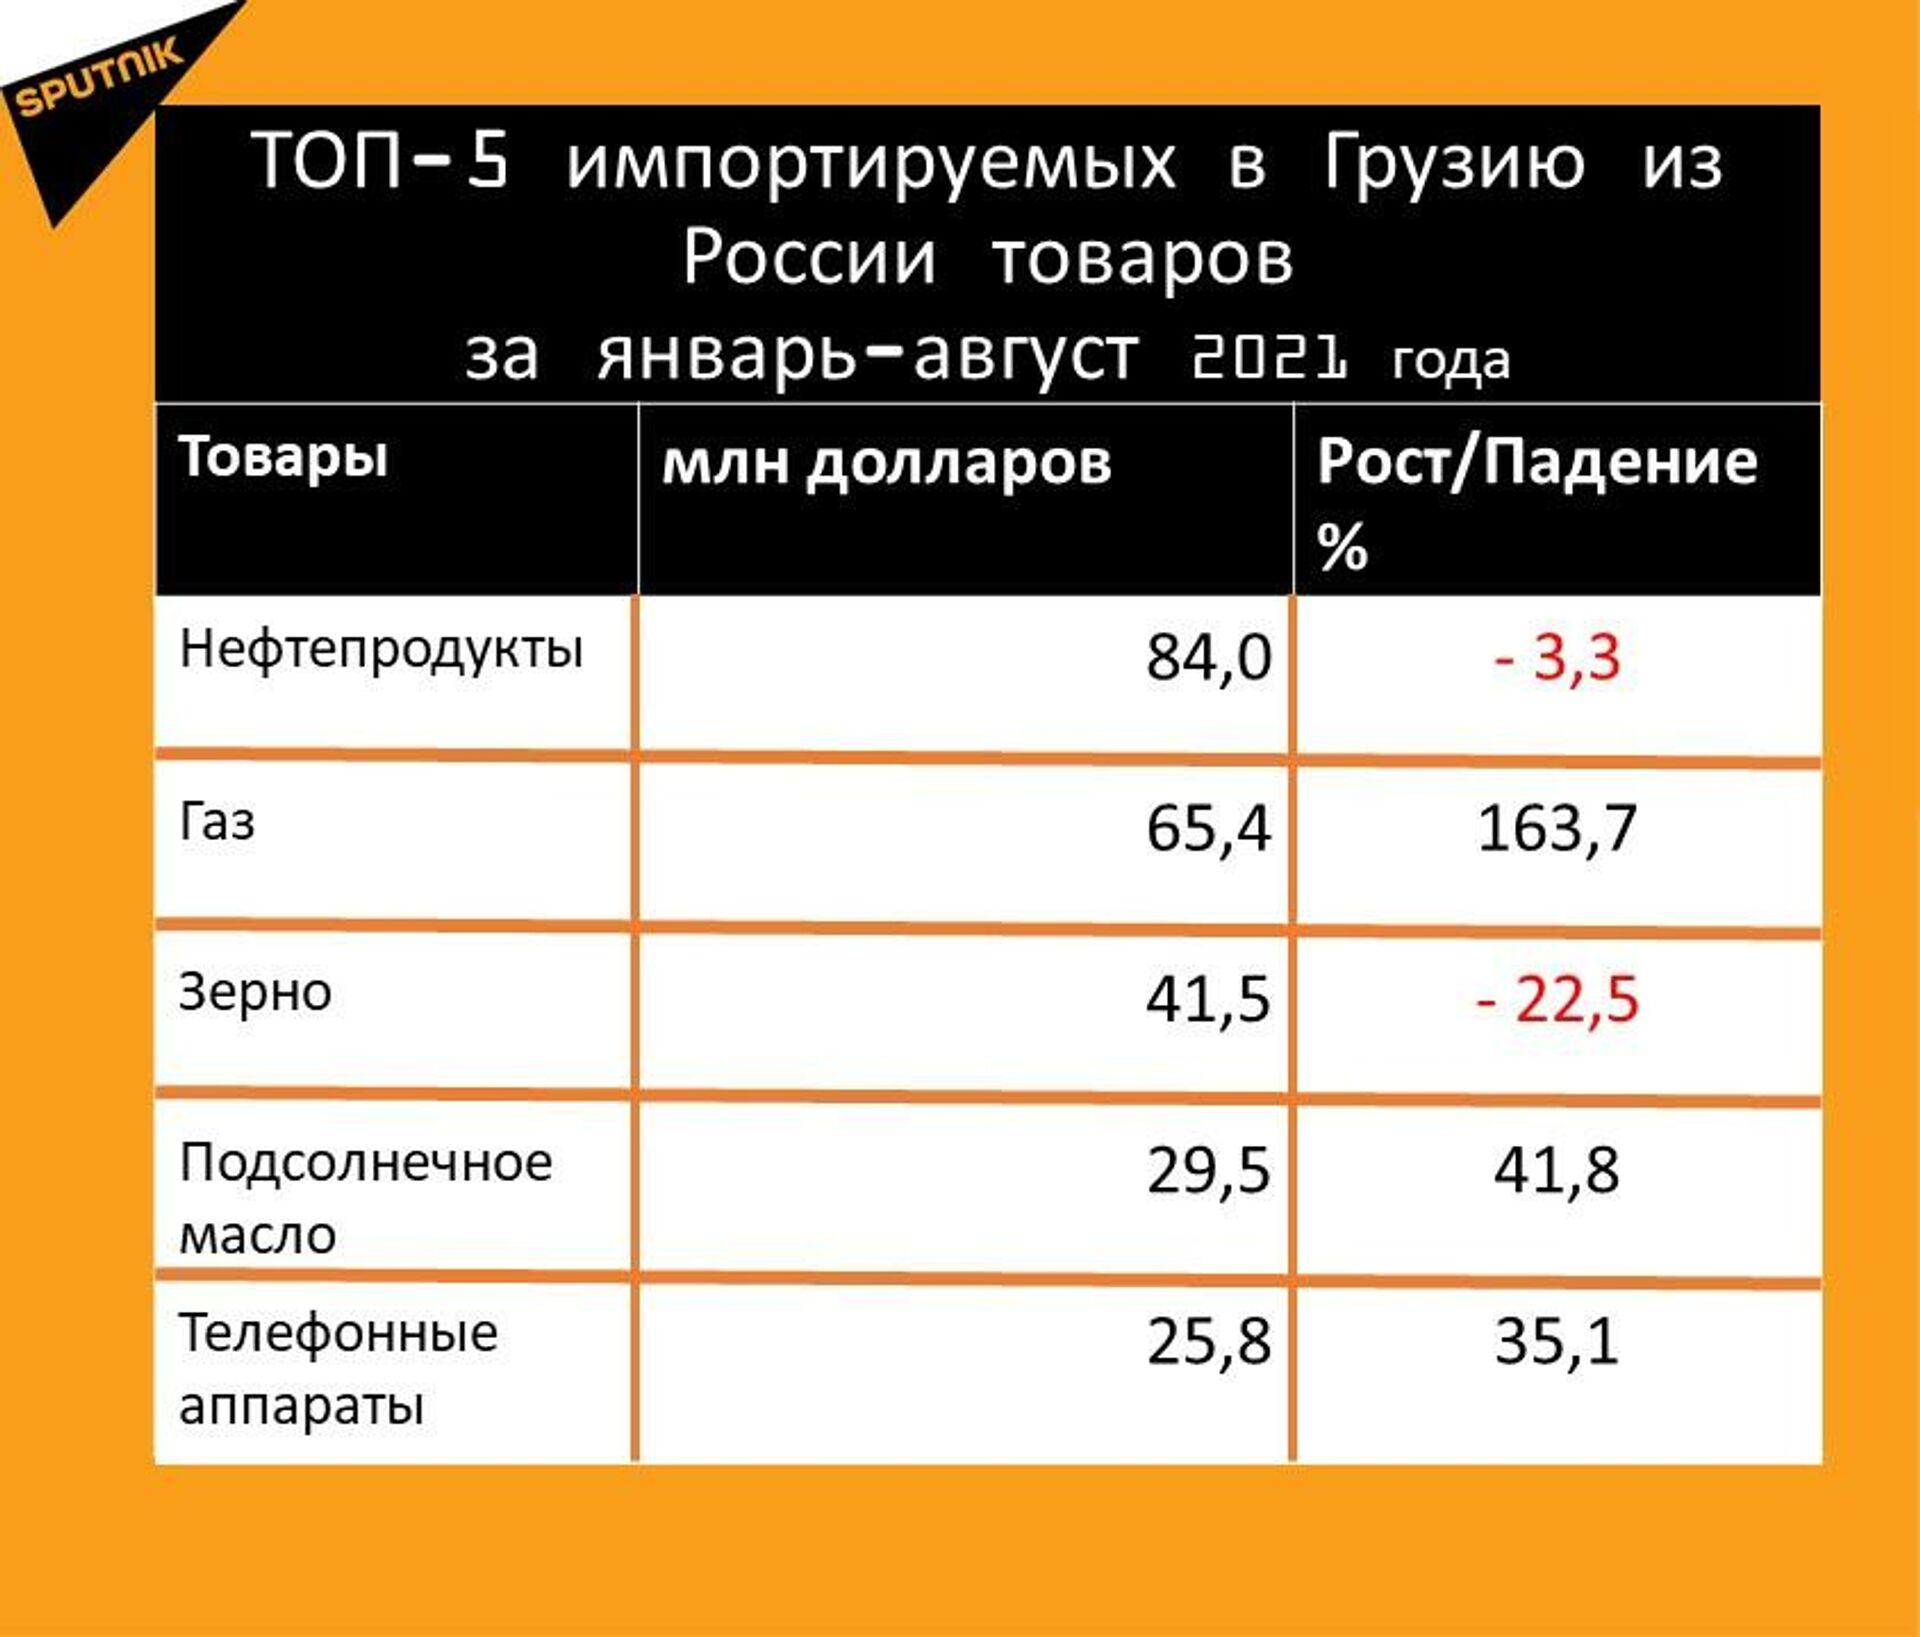 Статистика внешнеторгового оборота Грузии с Россией за январь-август 2021 года, импорт - Sputnik Грузия, 1920, 28.09.2021